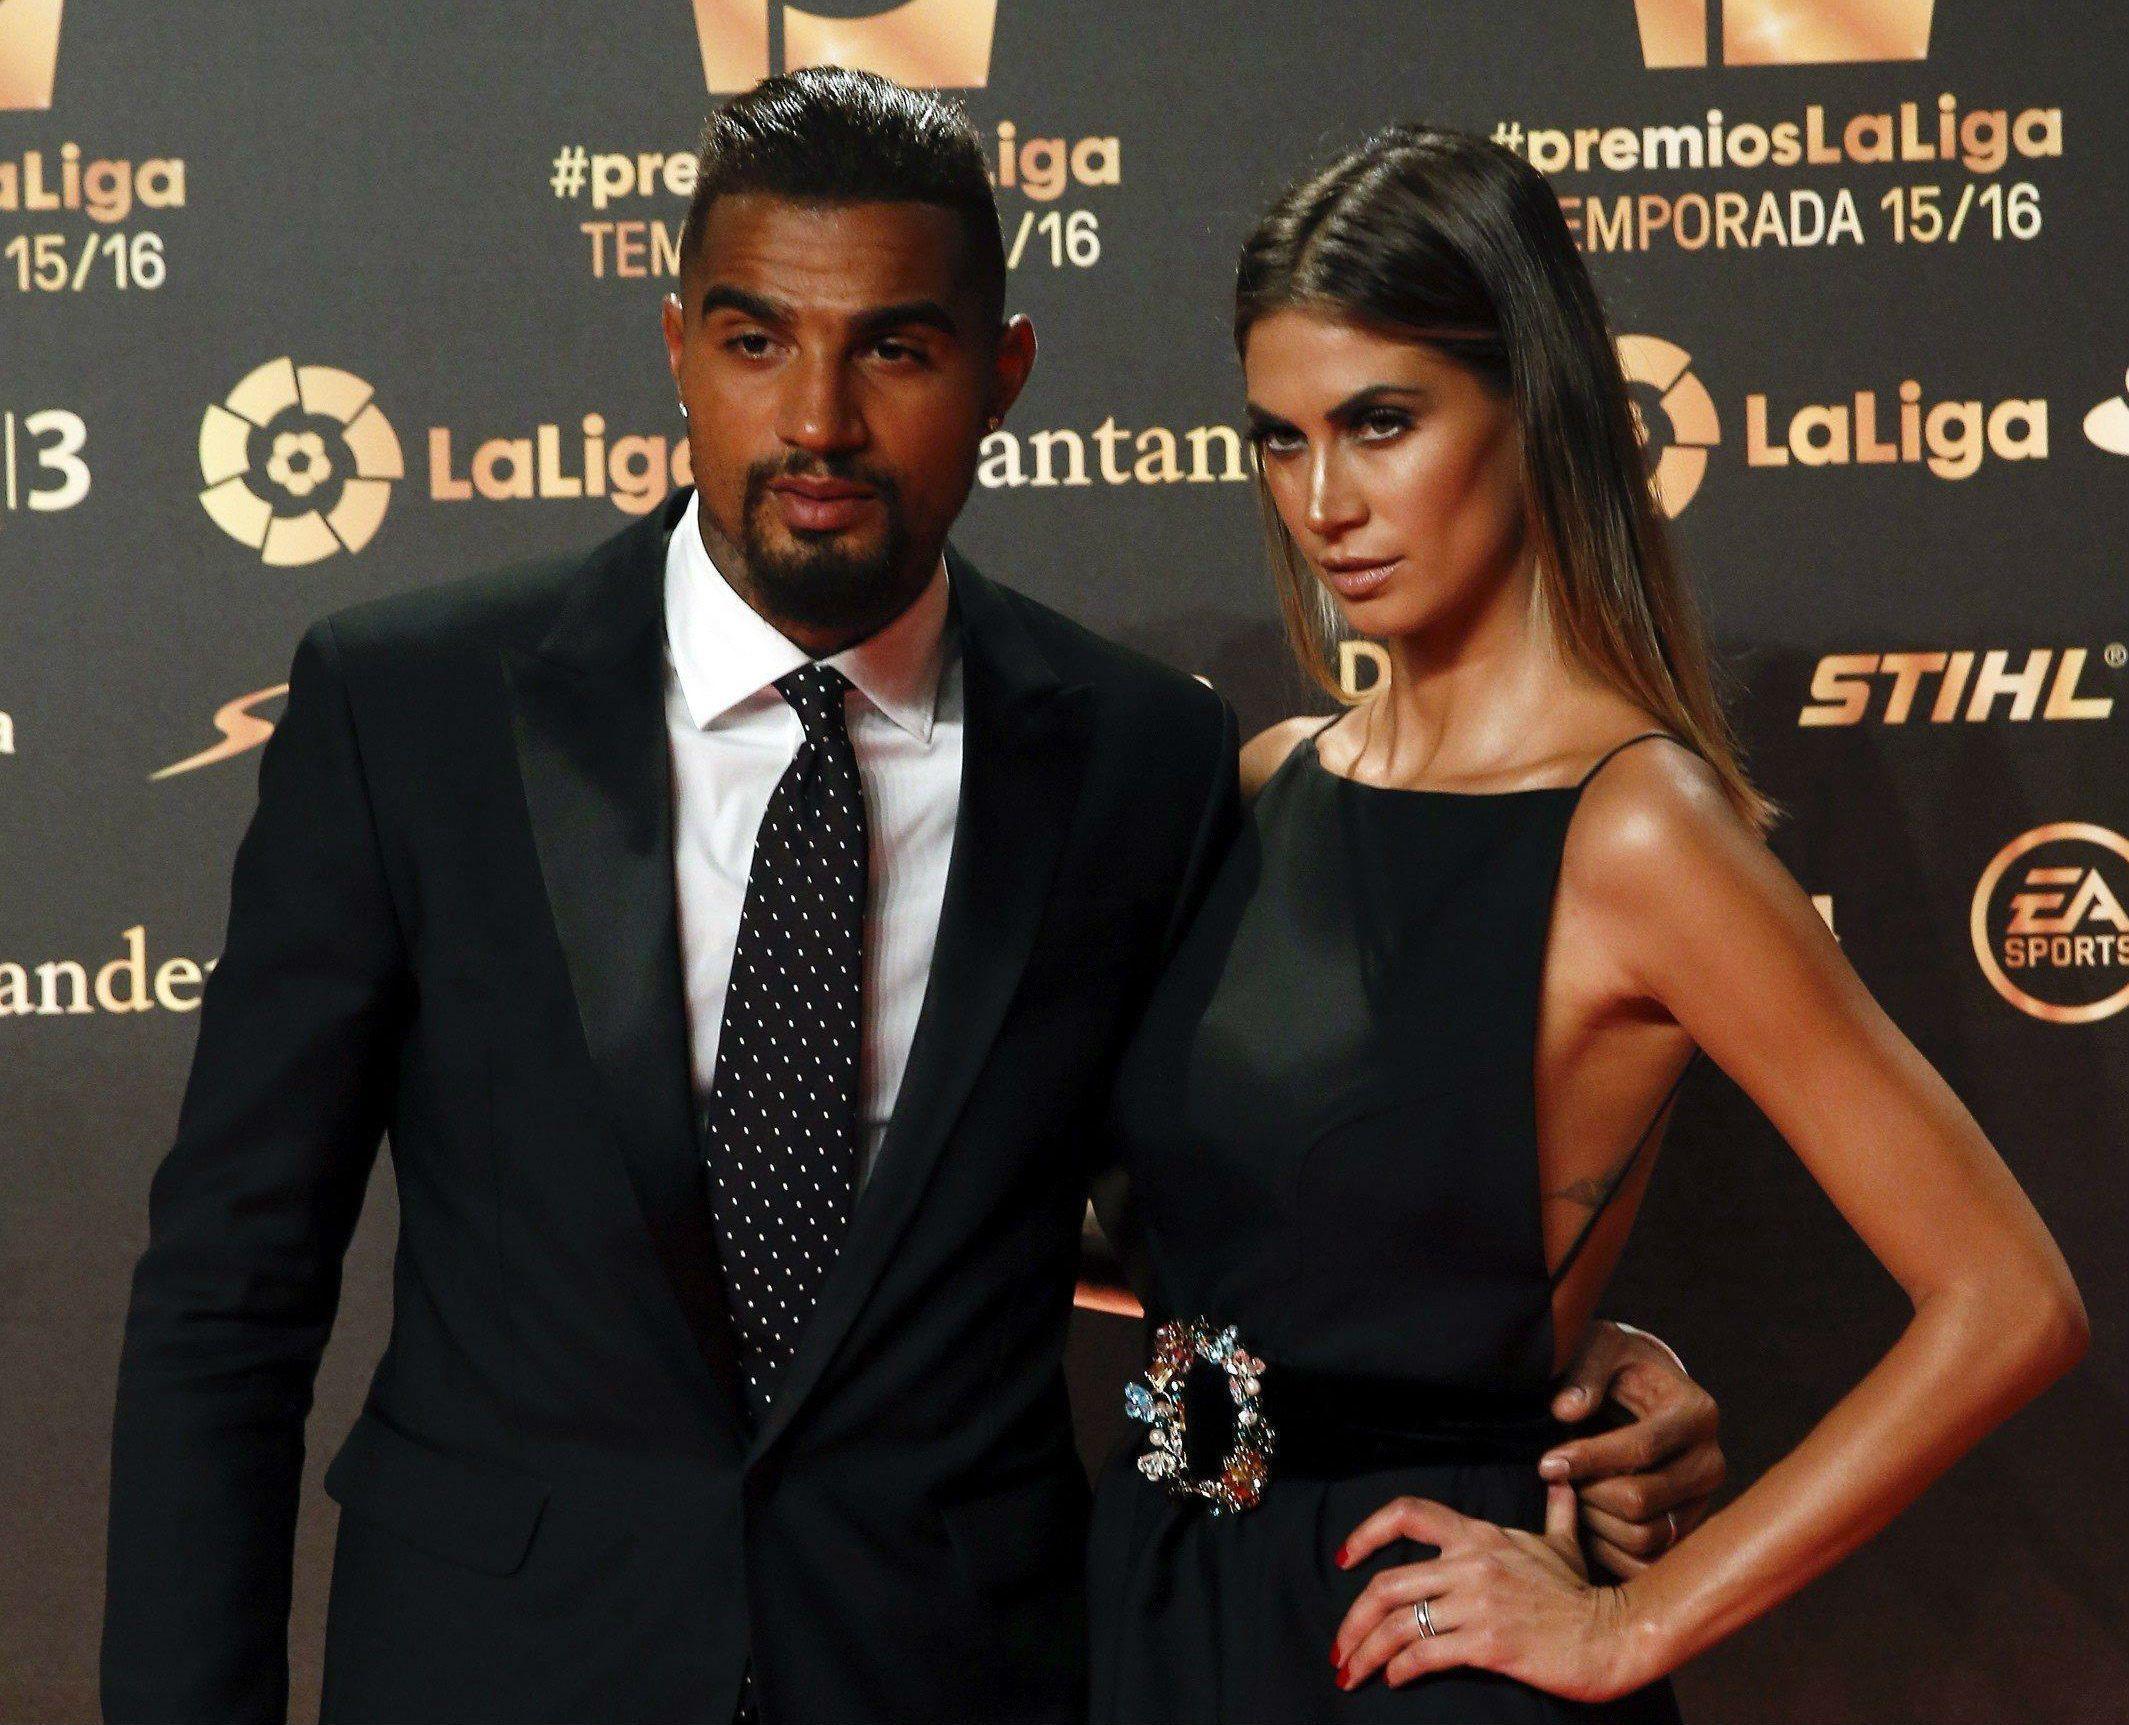 Melissa Satta: 'La fama è bella ma mi manca l'intimità di una cena con mio marito'